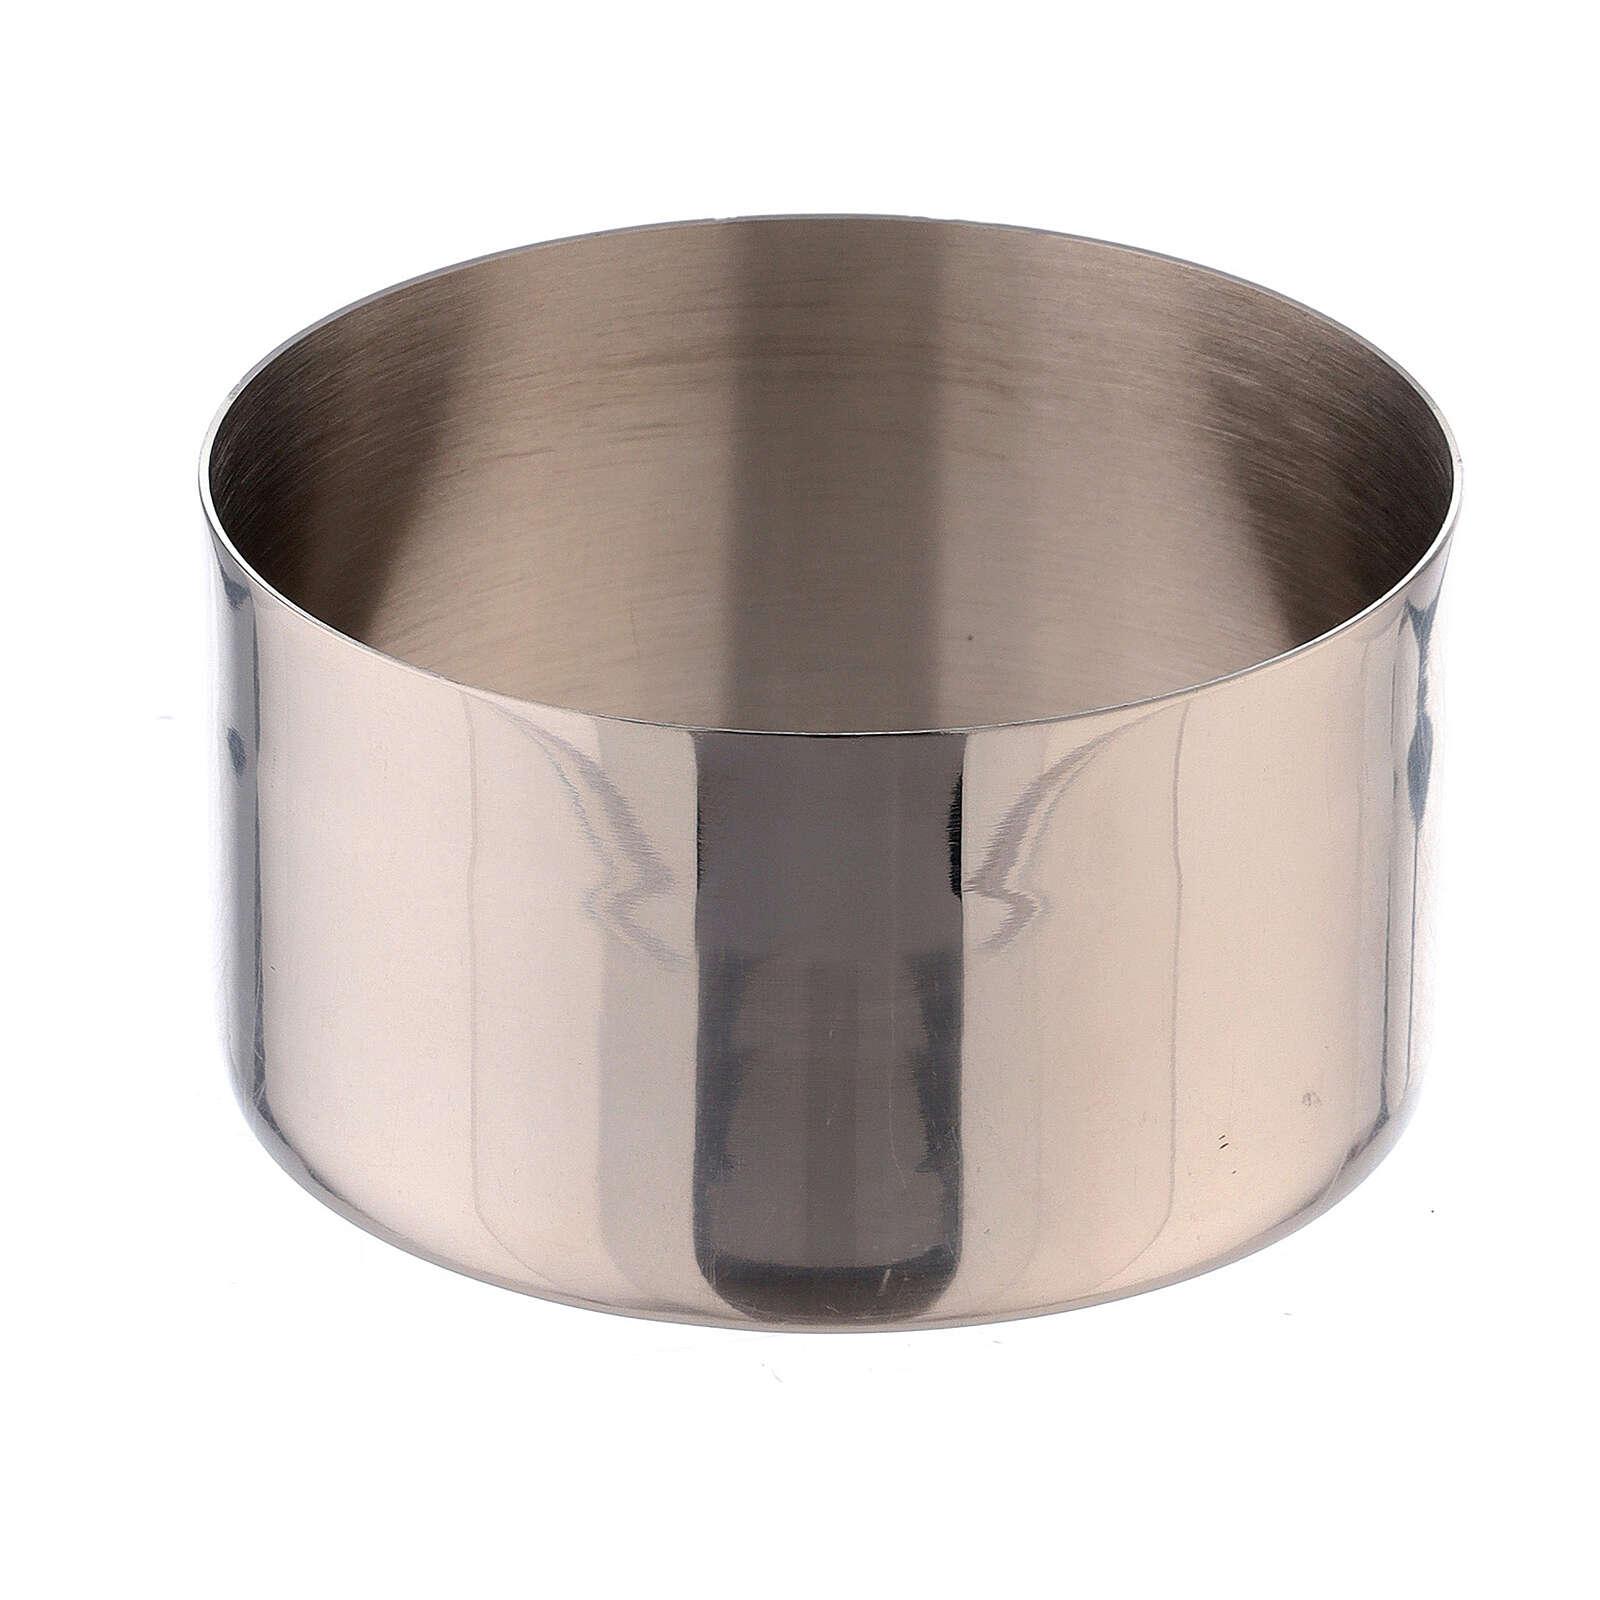 Anello candele 7 cm ottone argentato lucido 4